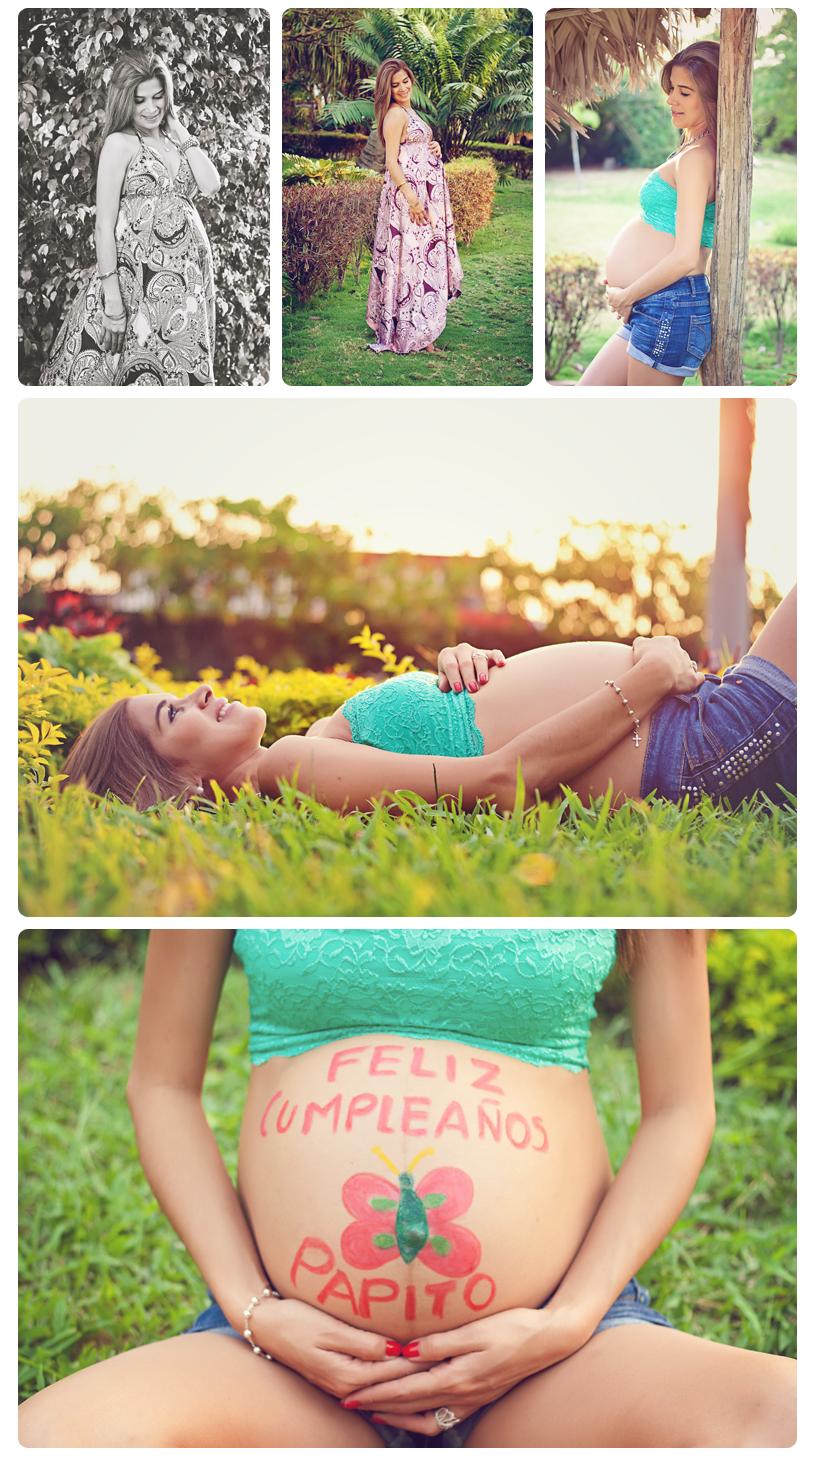 Claribel - Embarazo y sorpresa de cumpleaños #embarazo #photography #pregnancy Mira más en CtrlZFotografia.com Fotografía familiar #Portoviejo #Manabi #Ecuador